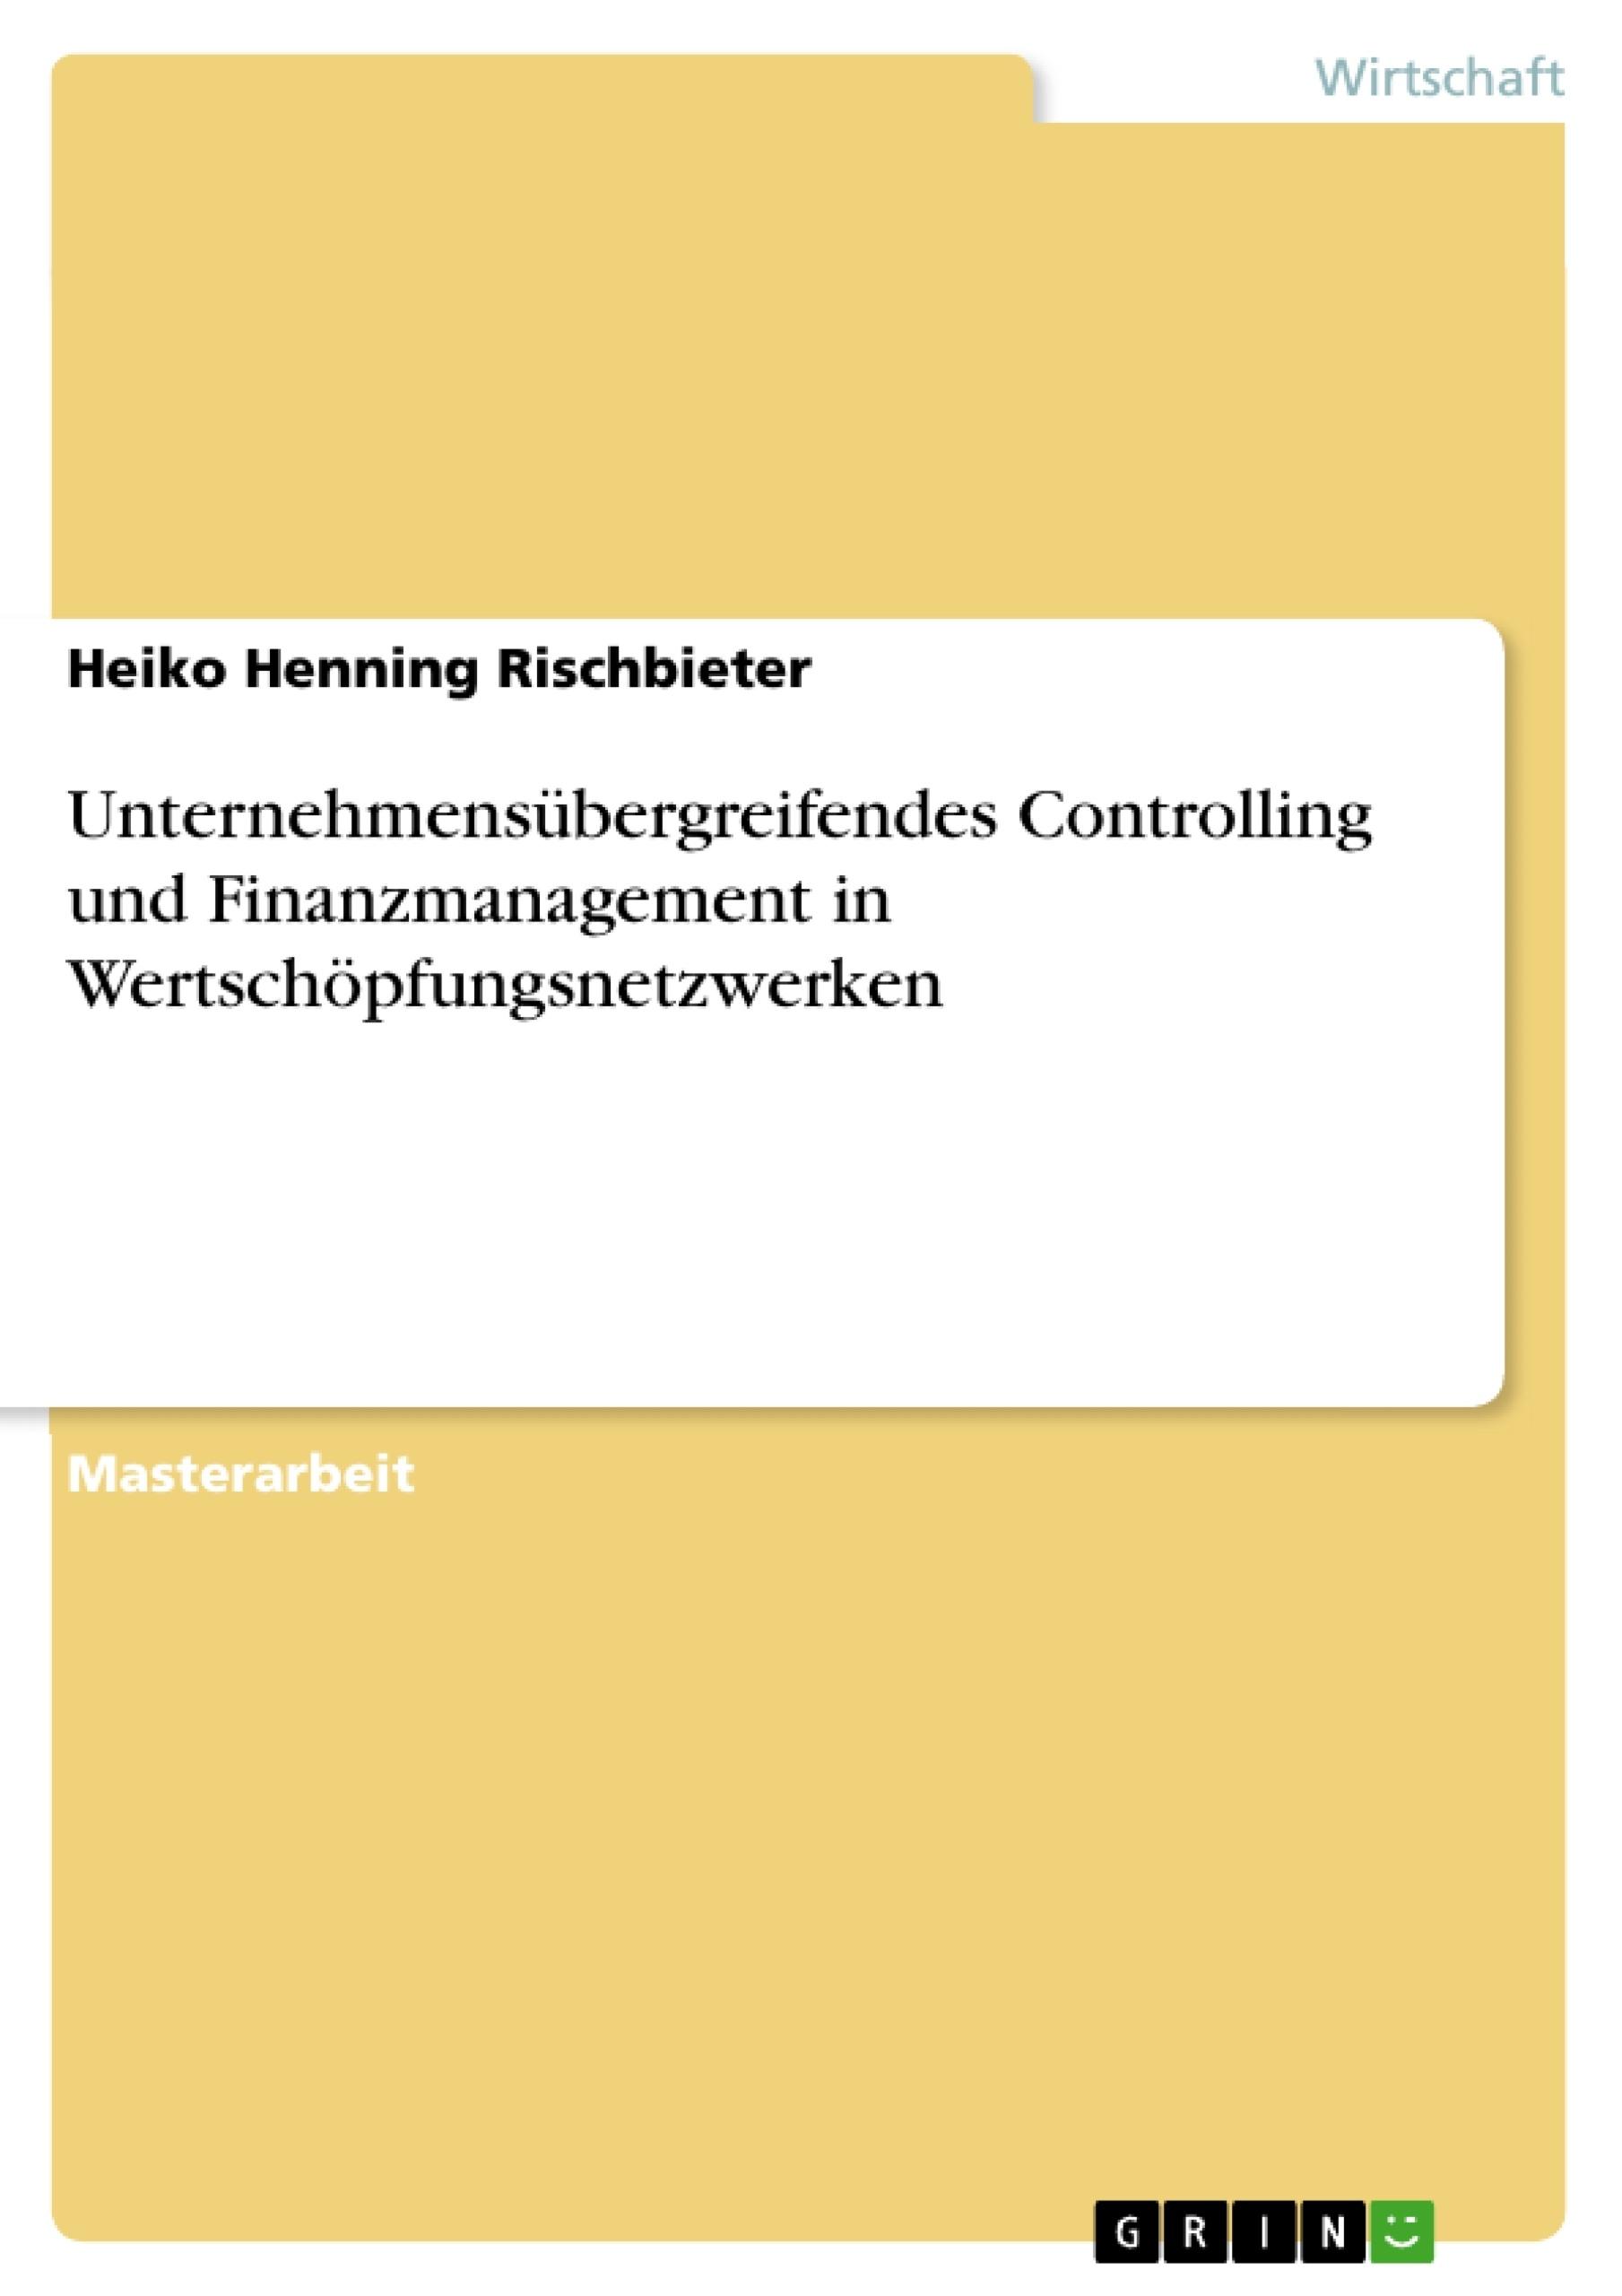 Titel: Unternehmensübergreifendes Controlling und Finanzmanagement in Wertschöpfungsnetzwerken